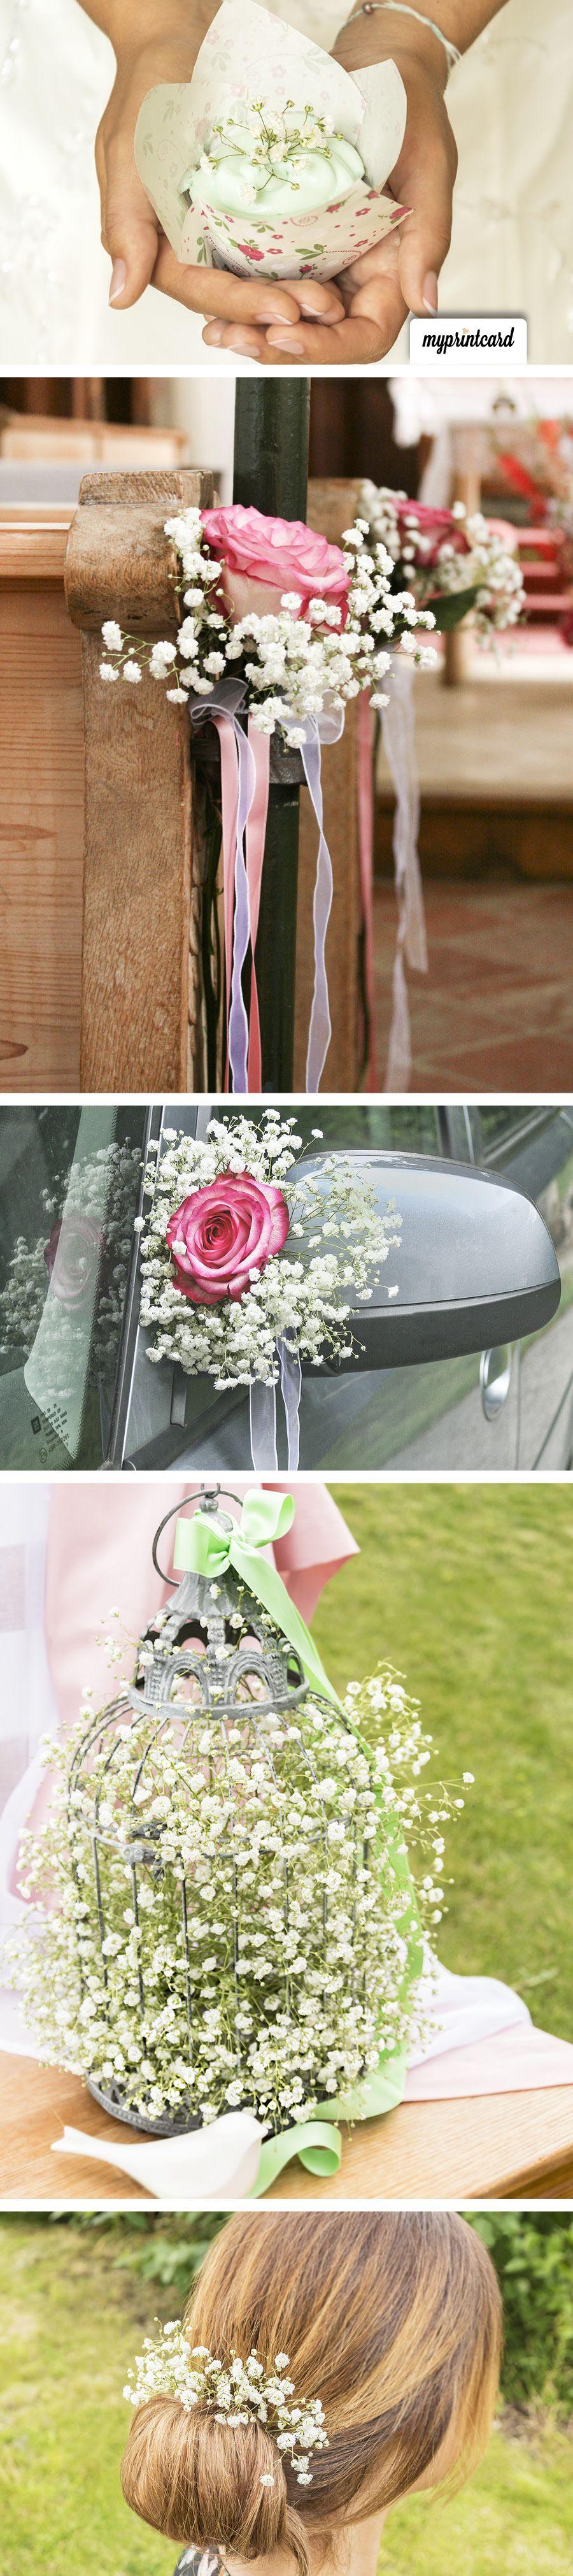 Wedding car flower decoration images  Blumendeko auf der Hochzeit mit Schleierkraut  Kleider  Pinterest